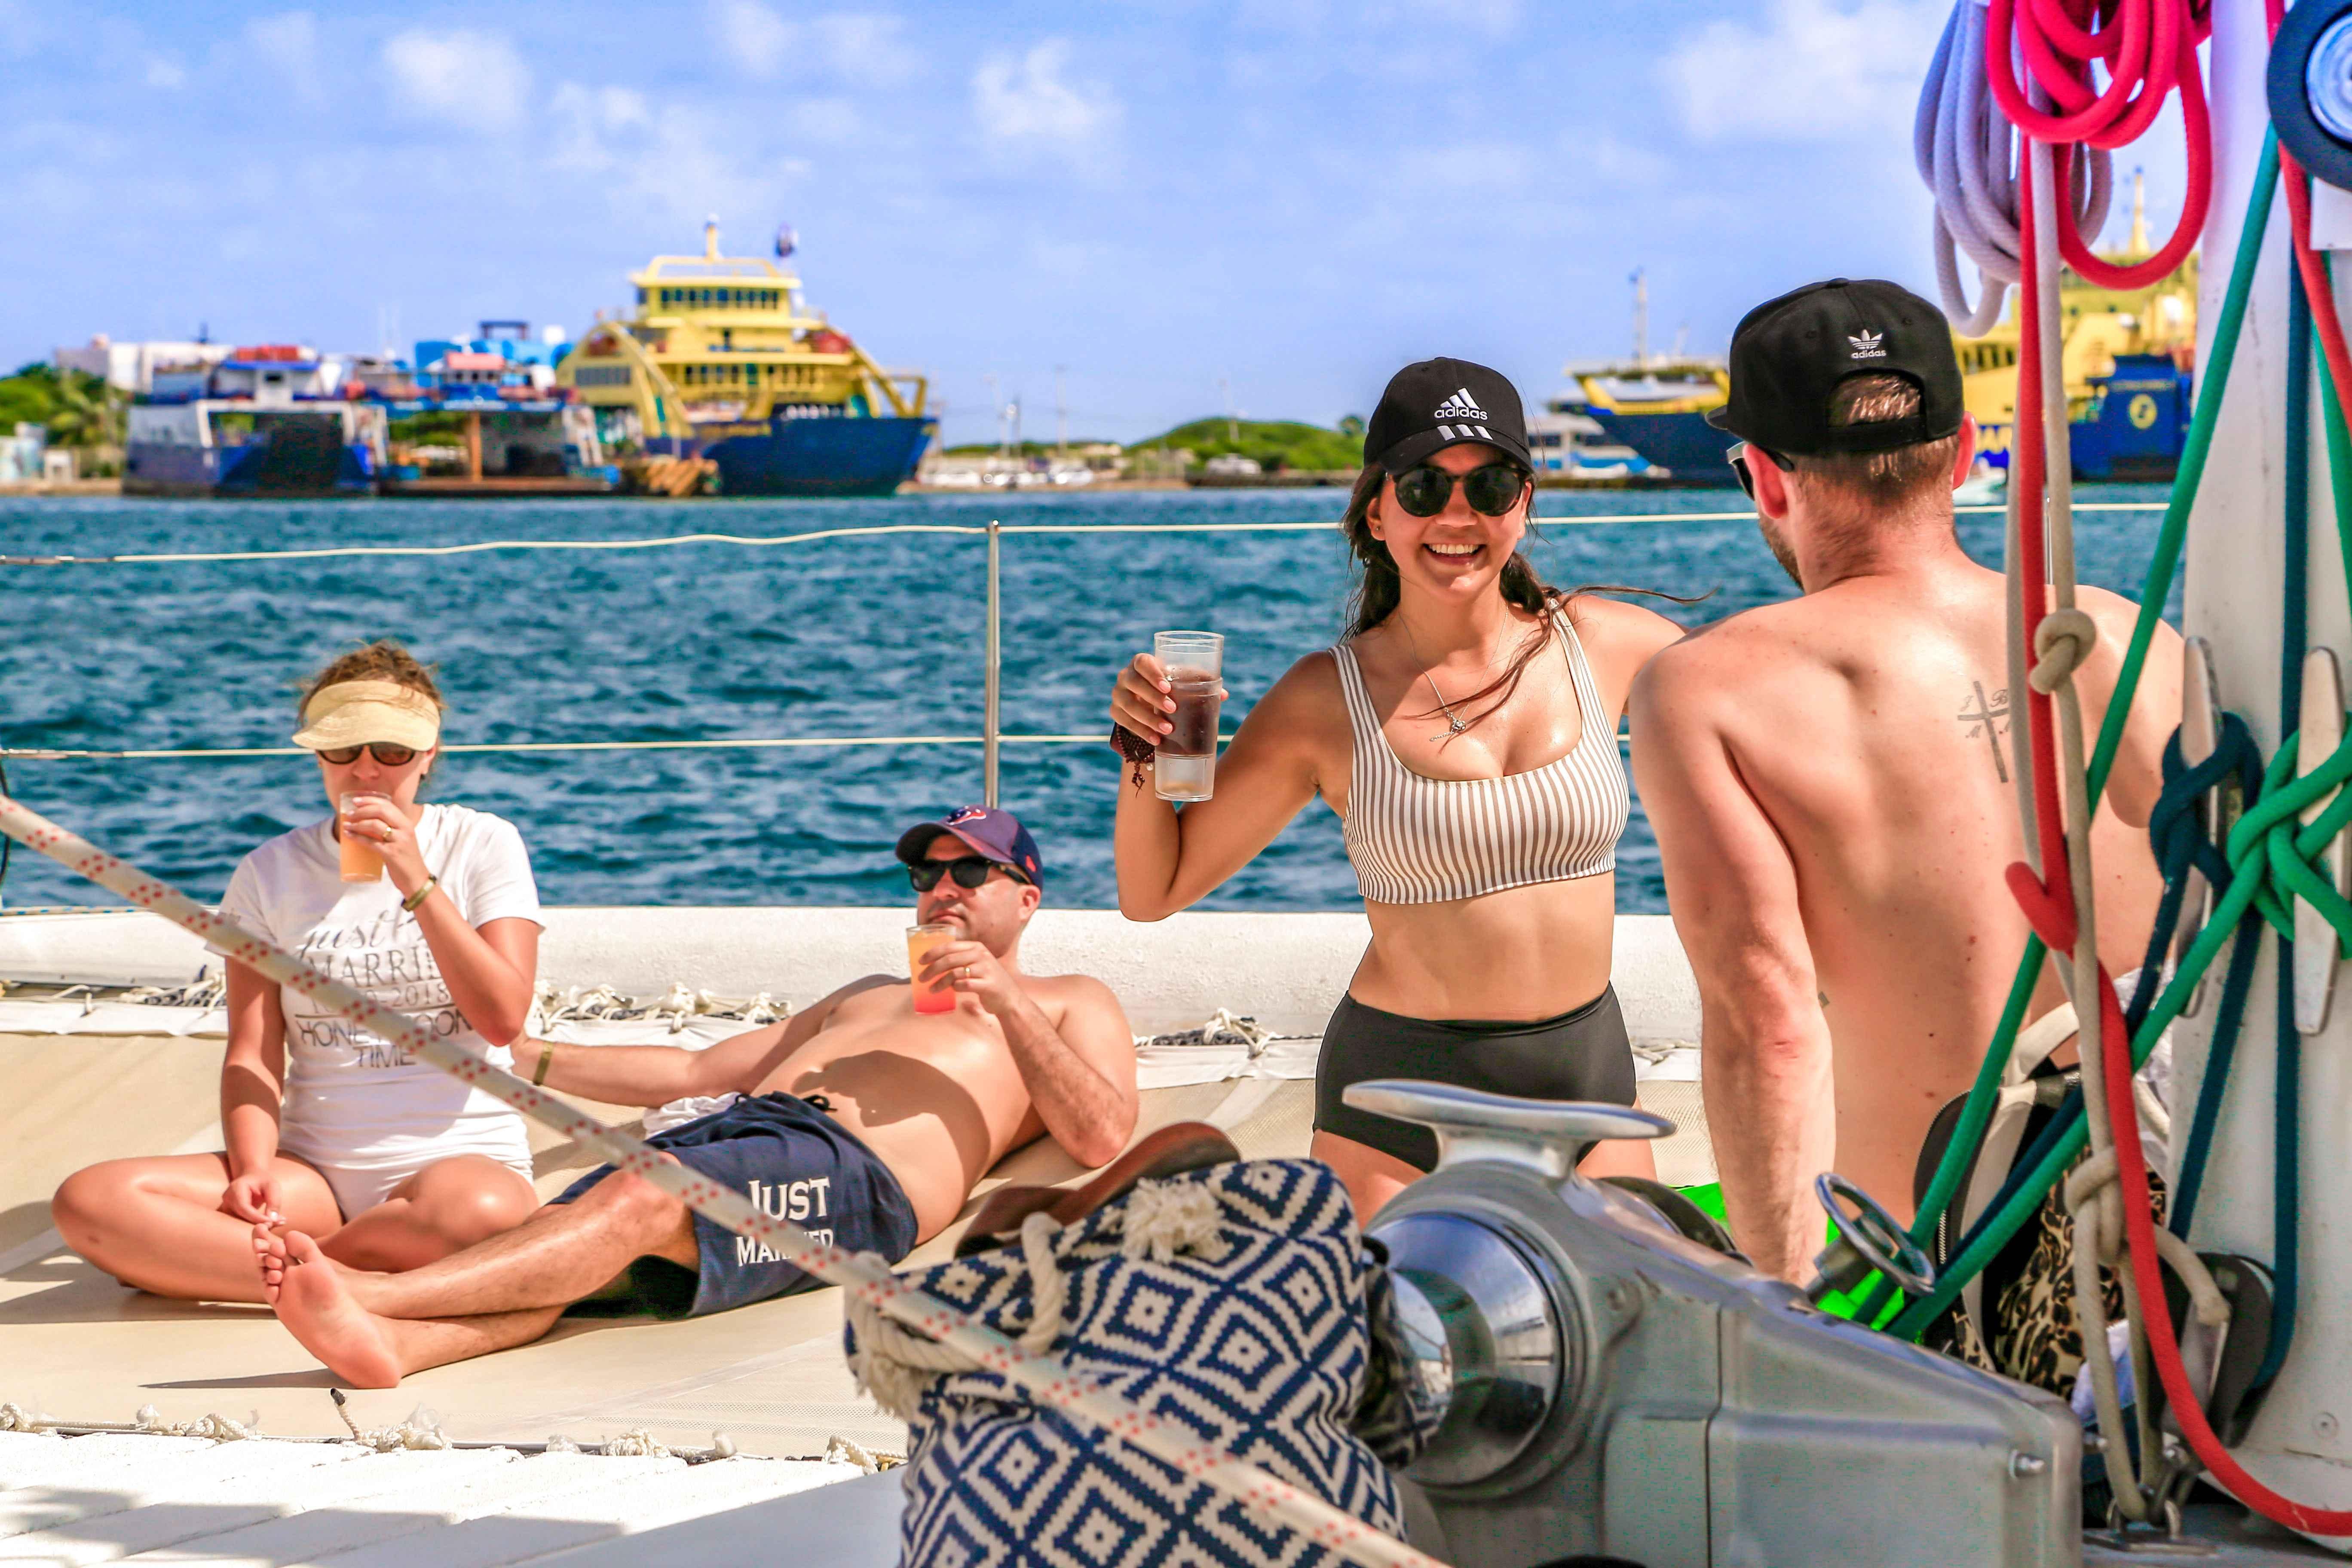 México Travel Solutions Isla Mujeres Catamaran Full Experience